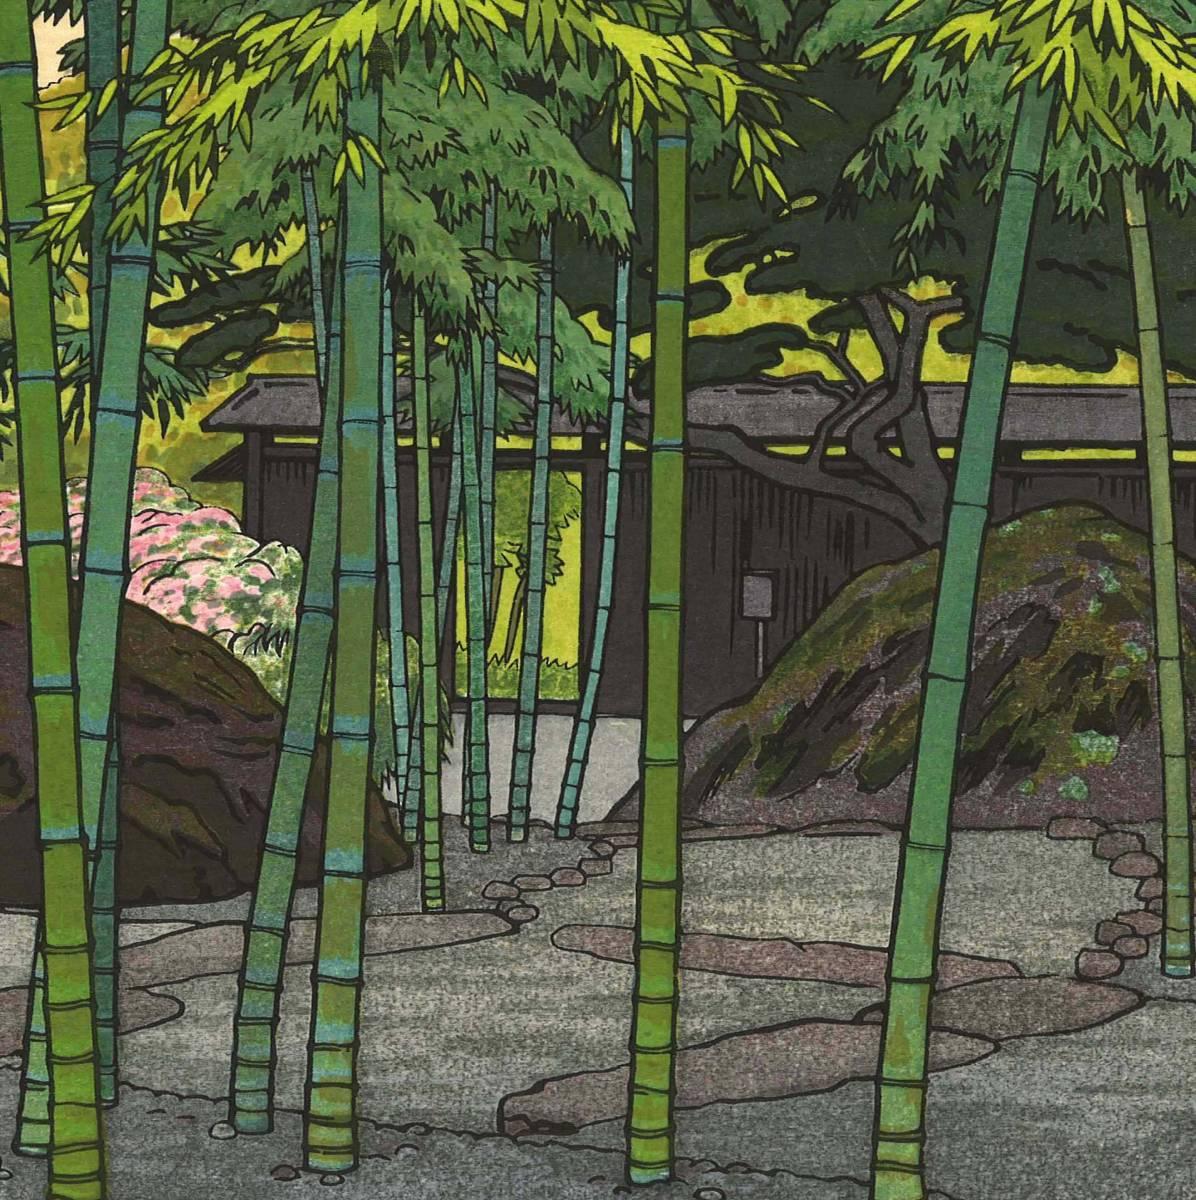 吉田遠志 木版画 015402 箱根神仙郷 竹のお庭 (Bamboo Garden,Hakone Museum) 初摺1954年  最高峰の摺師の技をご堪能下さい!!_画像10